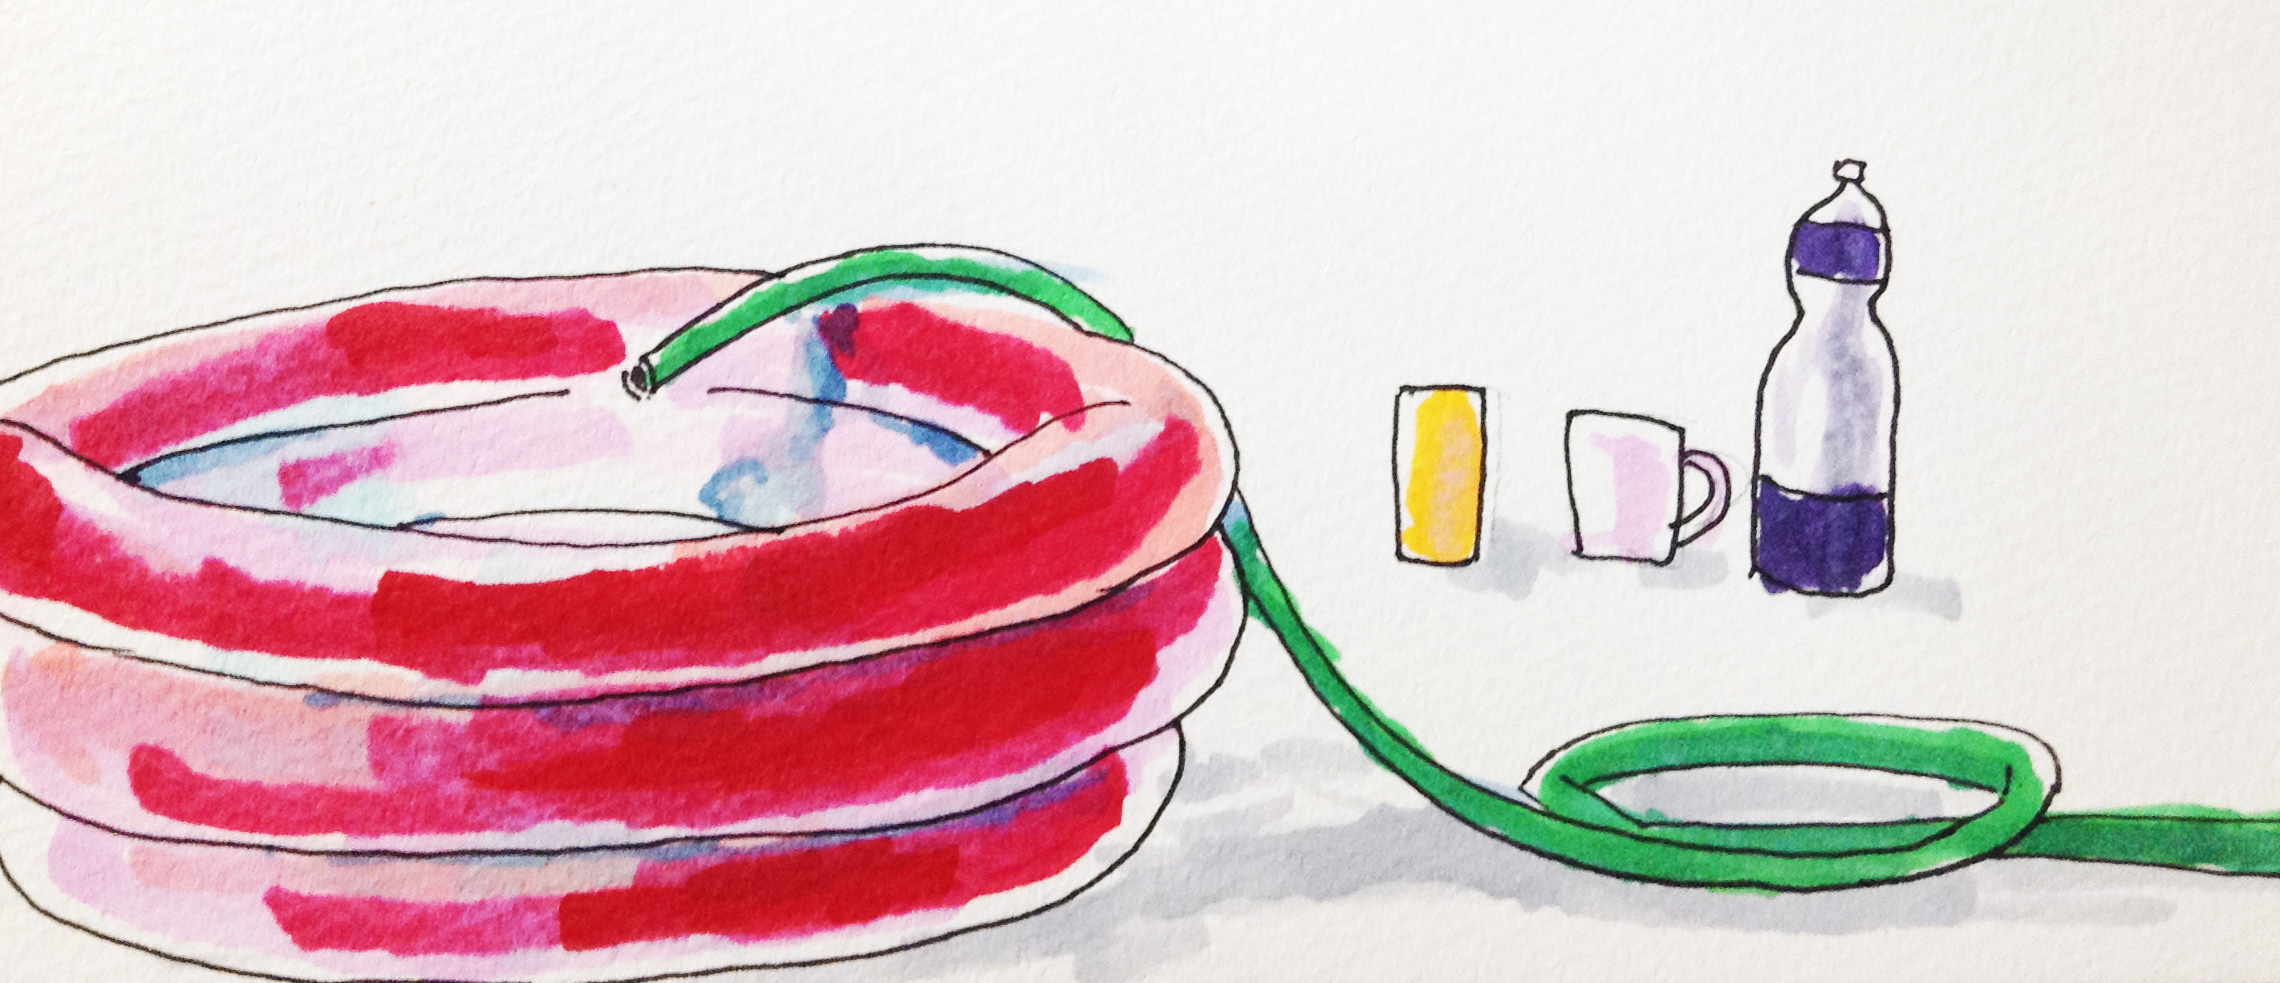 幼いころプールで水遊びをした思い出のイメージをコピックマーカーで描いたイラスト